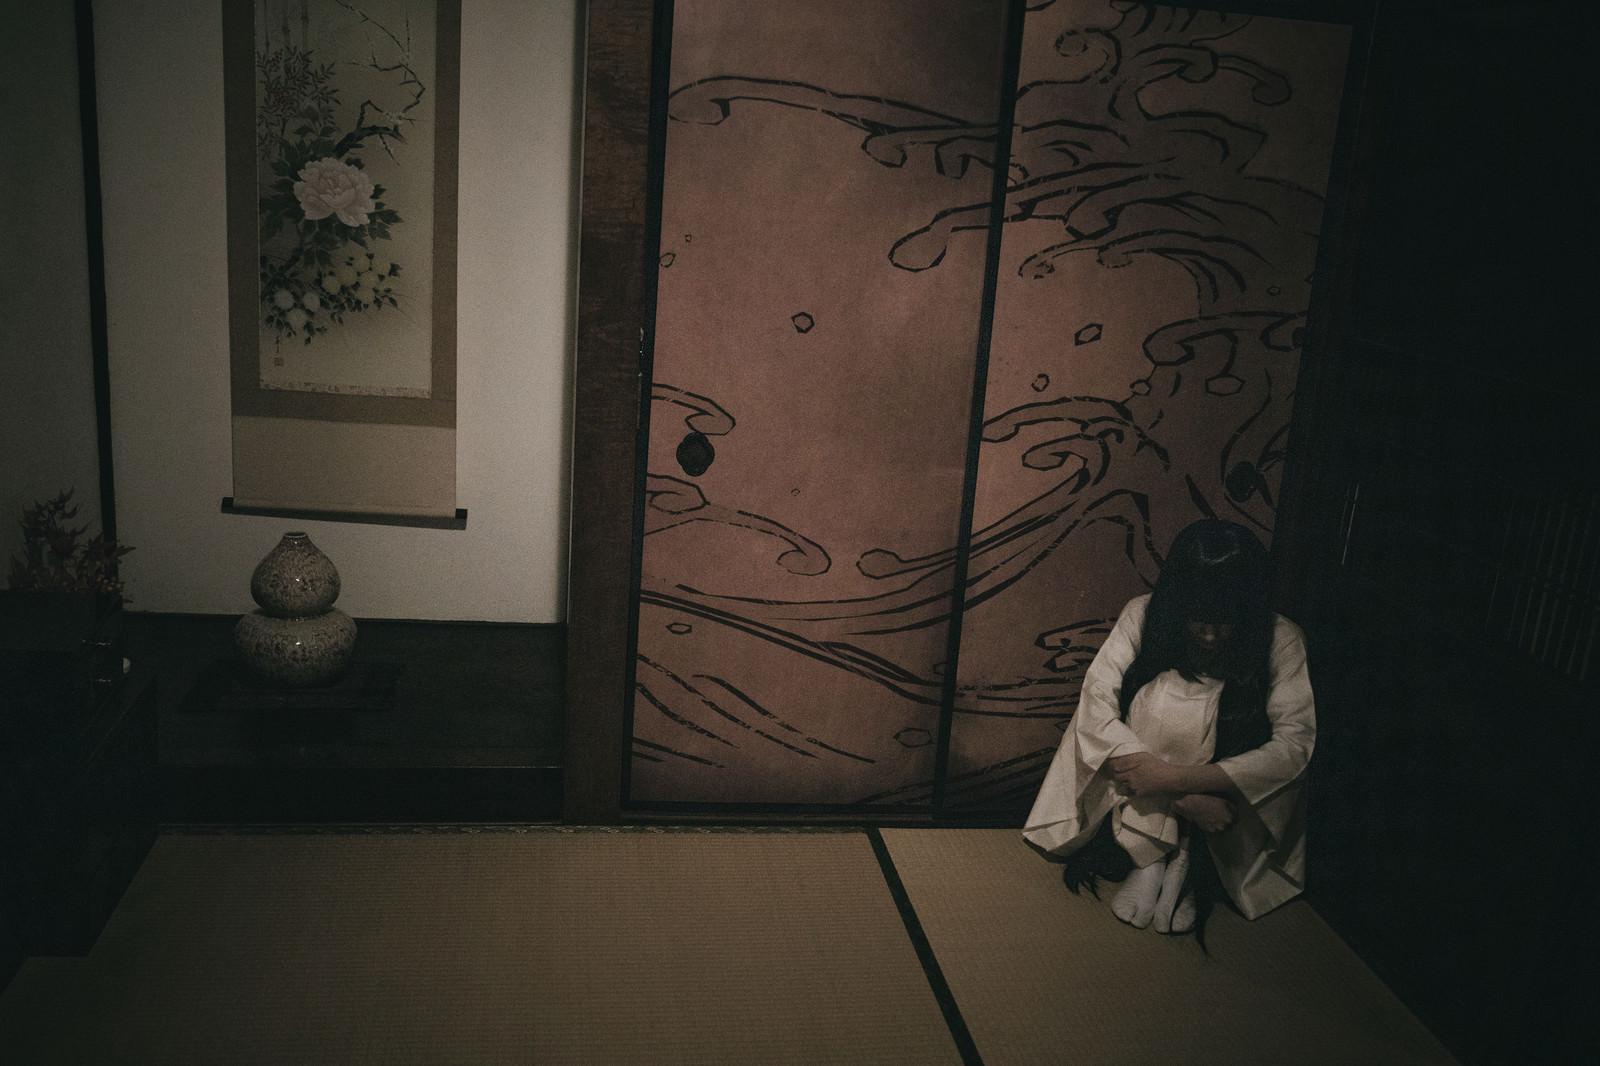 和室の隅っこにぼっち霊 無料の写真素材はフリー素材のぱくたそ